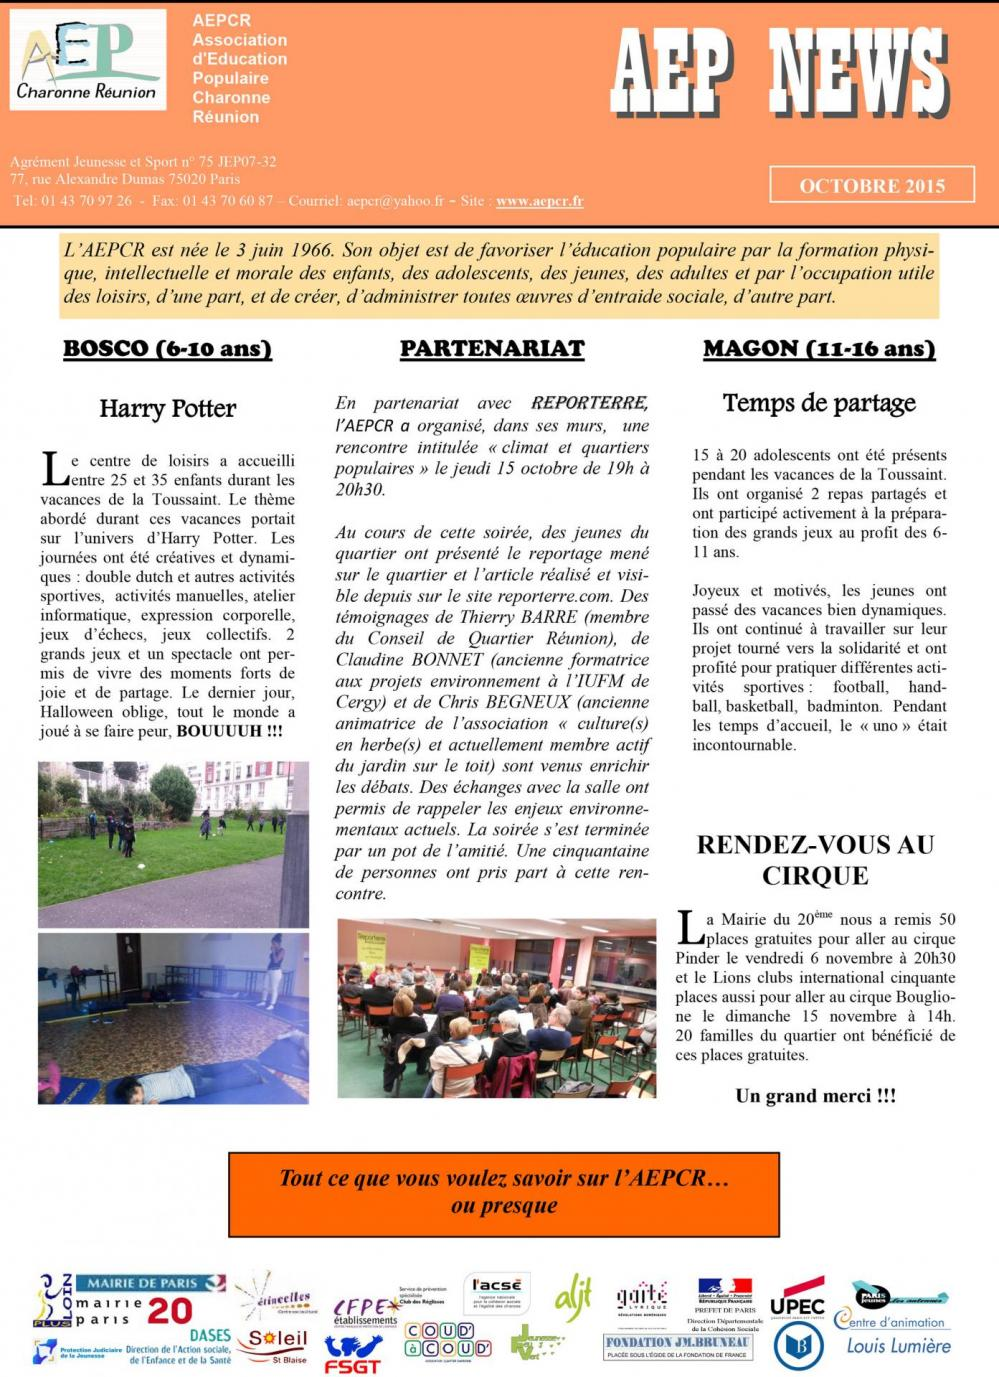 News oct 2015 1 v2